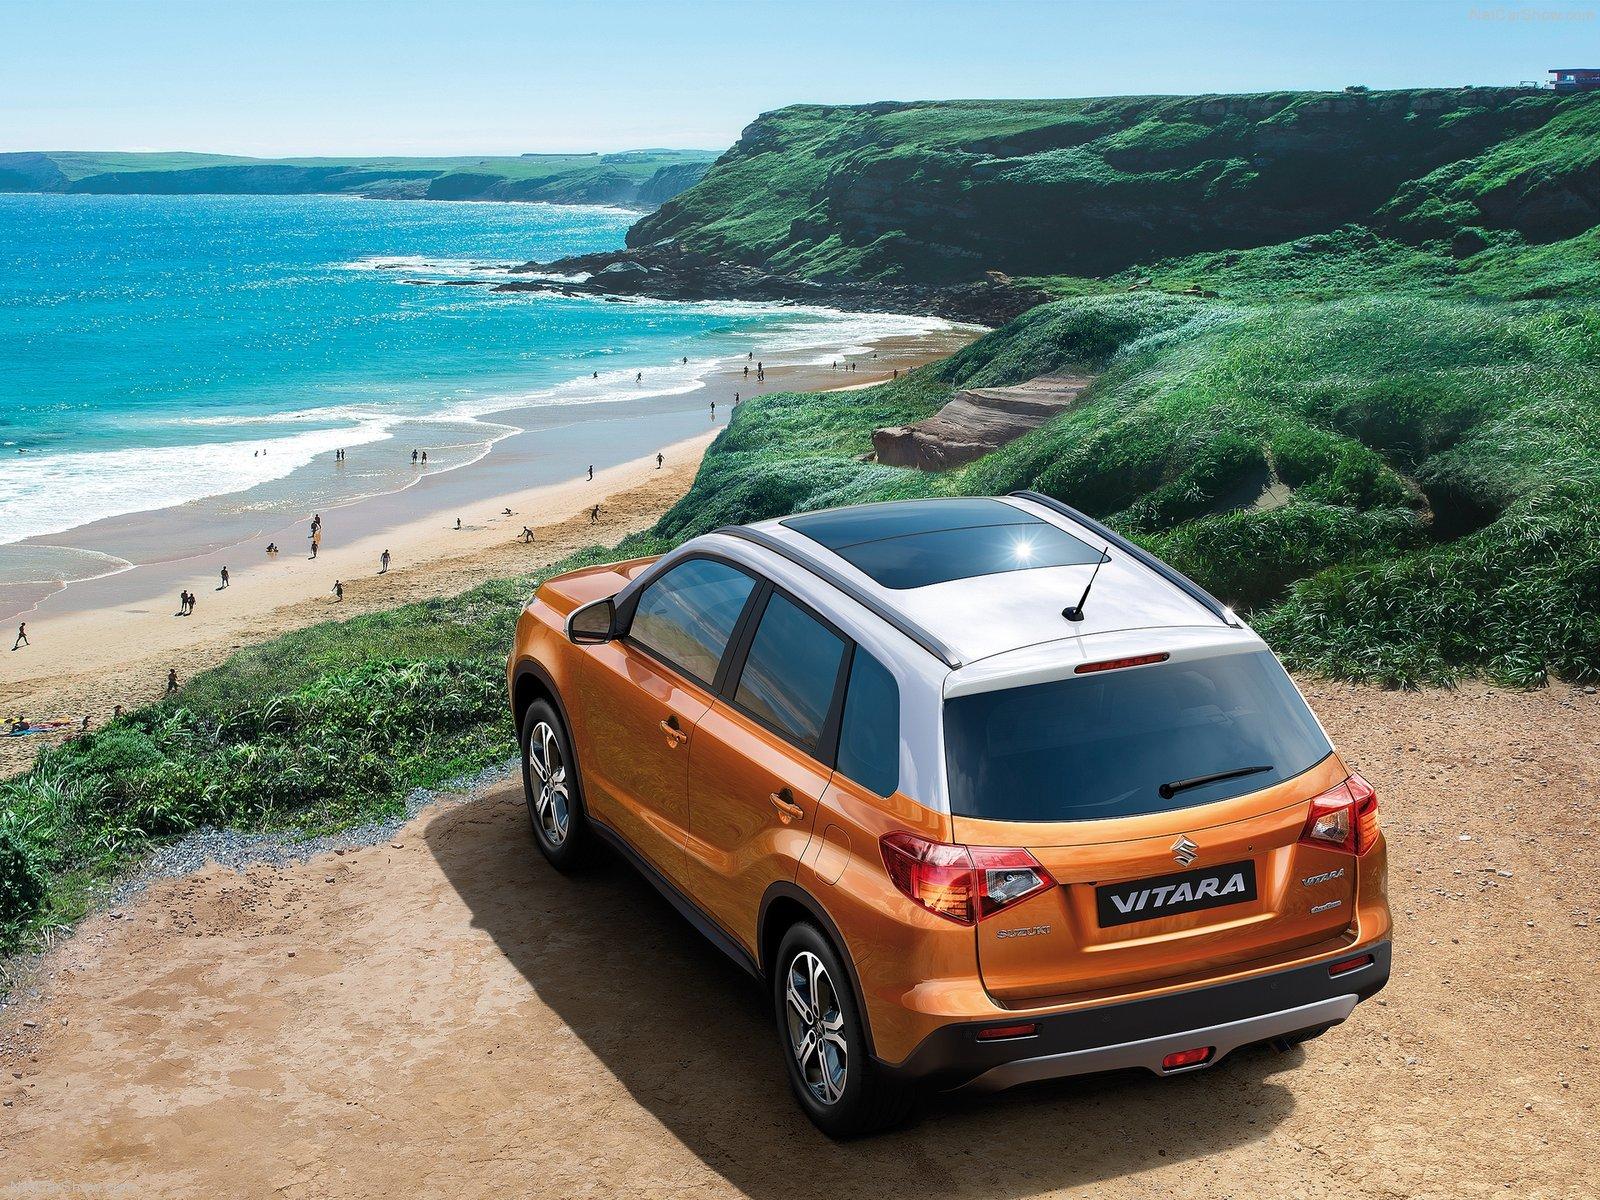 Hình ảnh xe ô tô Suzuki Vitara 2015 & nội ngoại thất